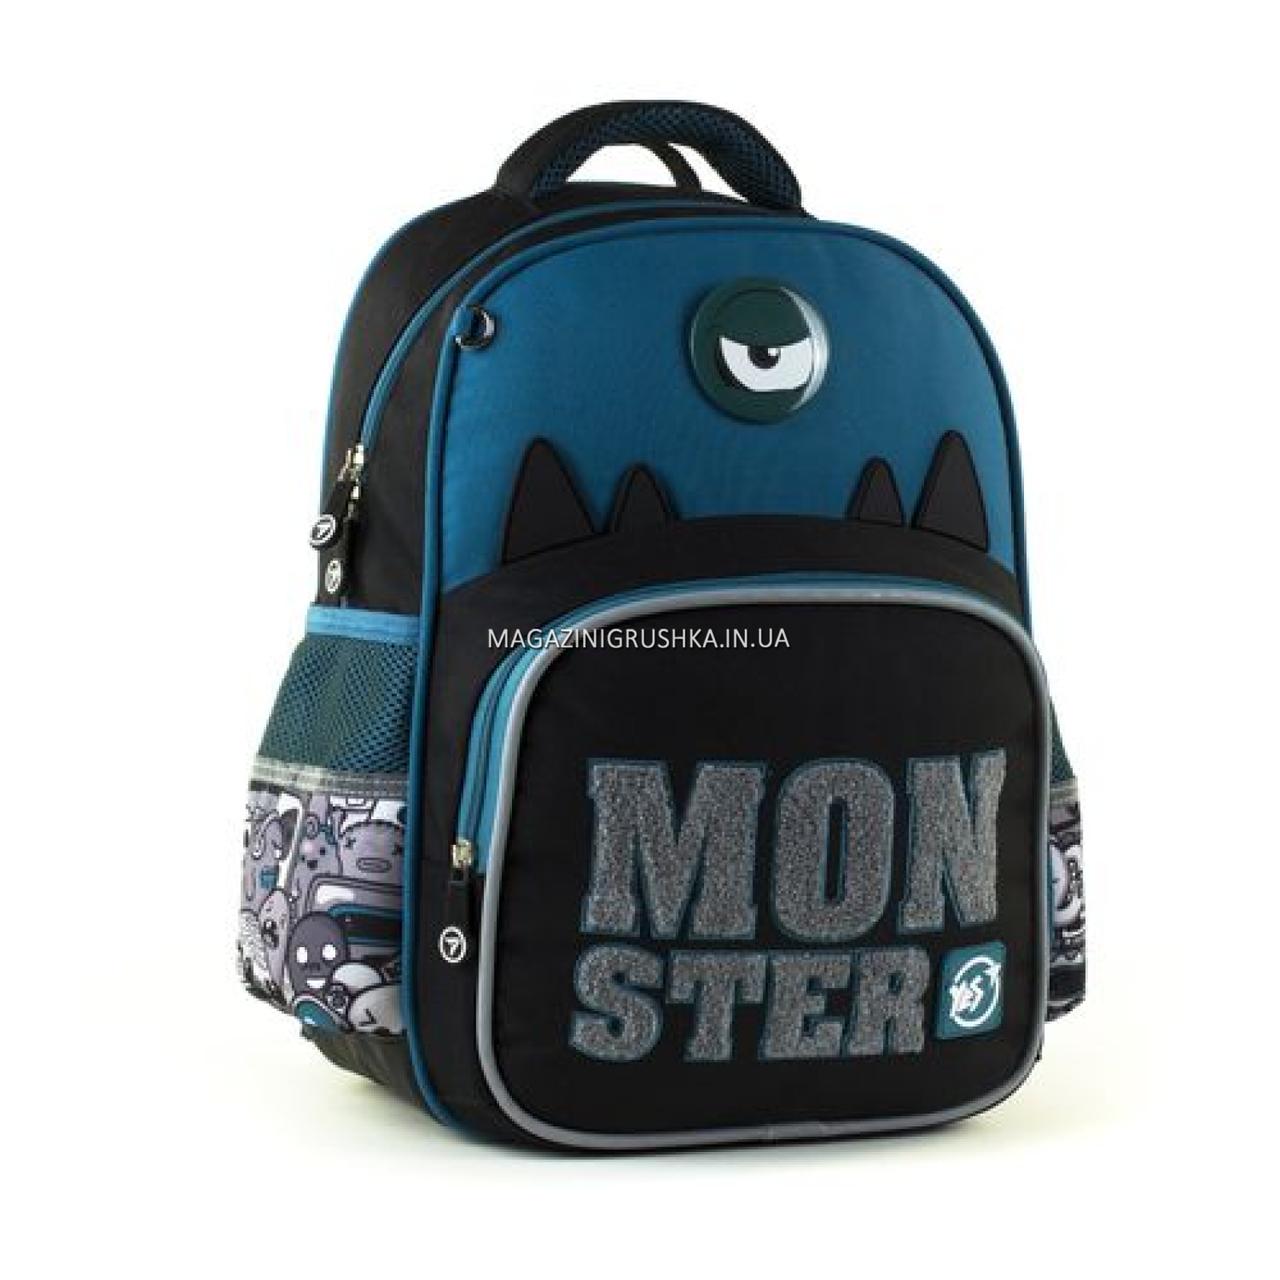 Рюкзак шкільний YES S-31 Monster чорно-синій (558200)